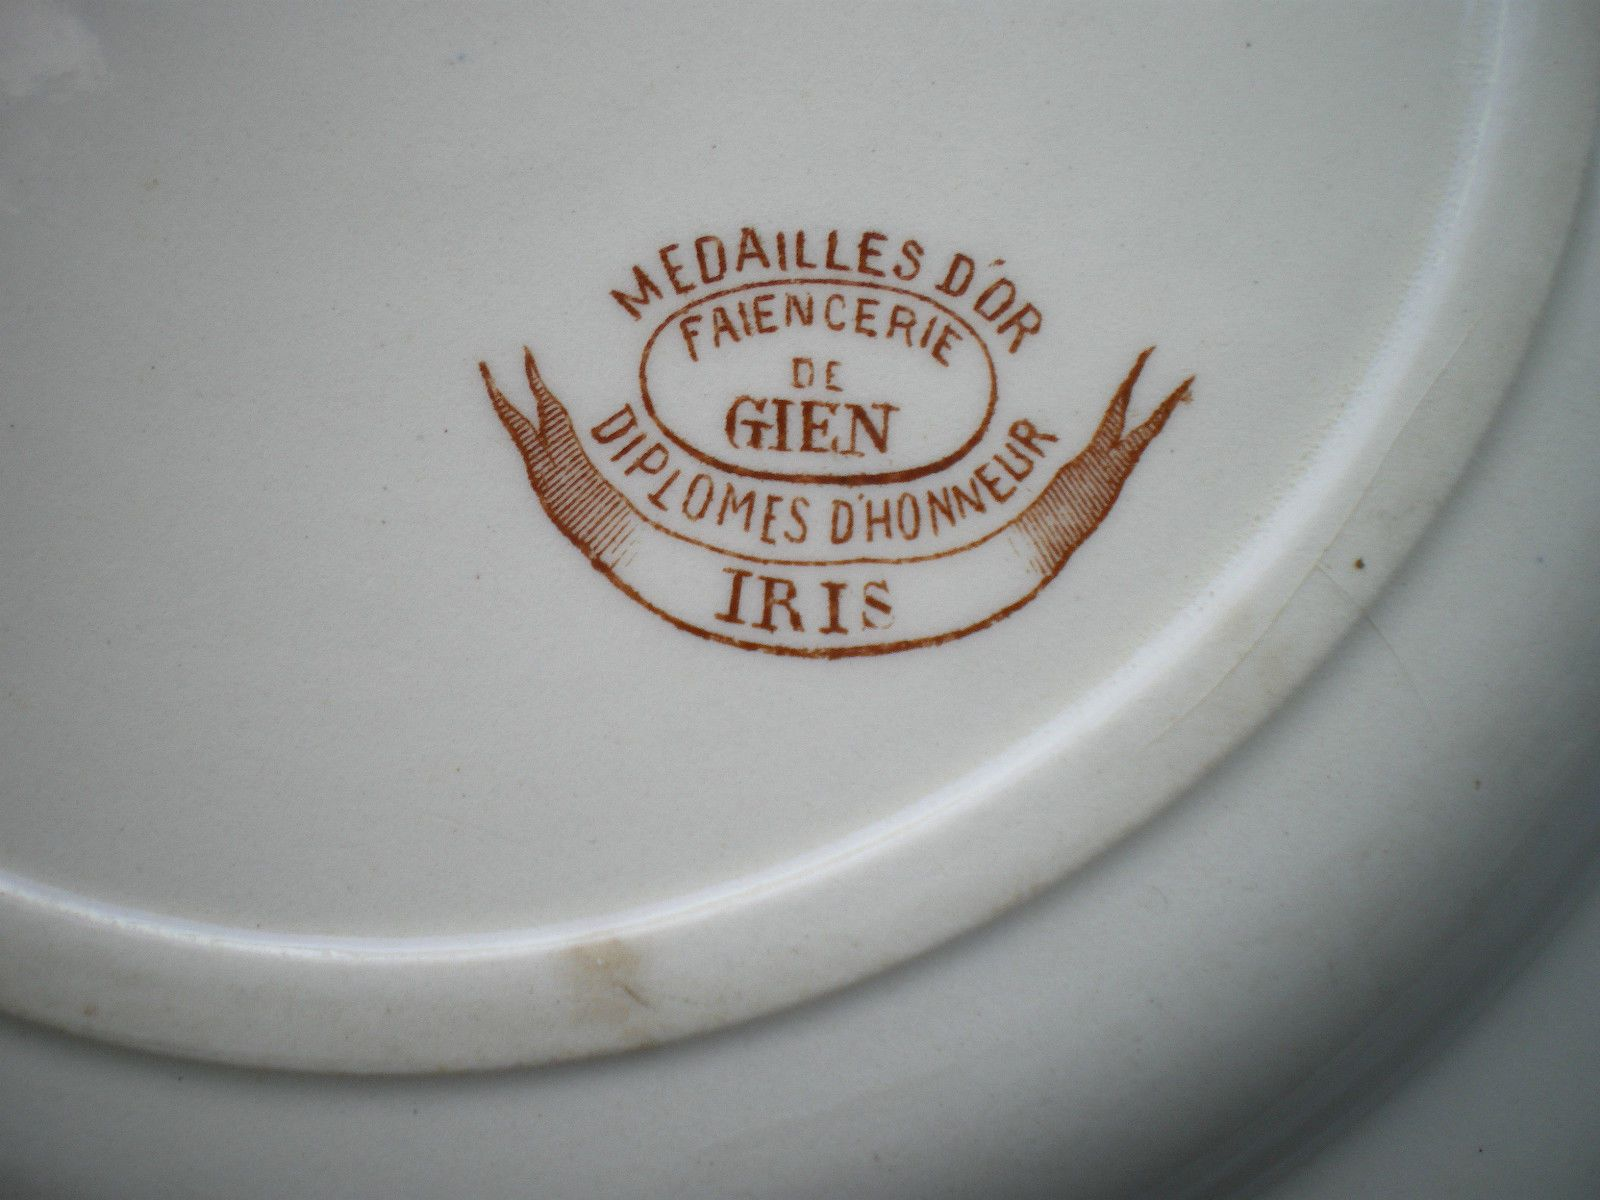 Assiette Terre DE FER Porcelaine Opaque Gien Iris ET Libellule Couleur Sépia | eBay